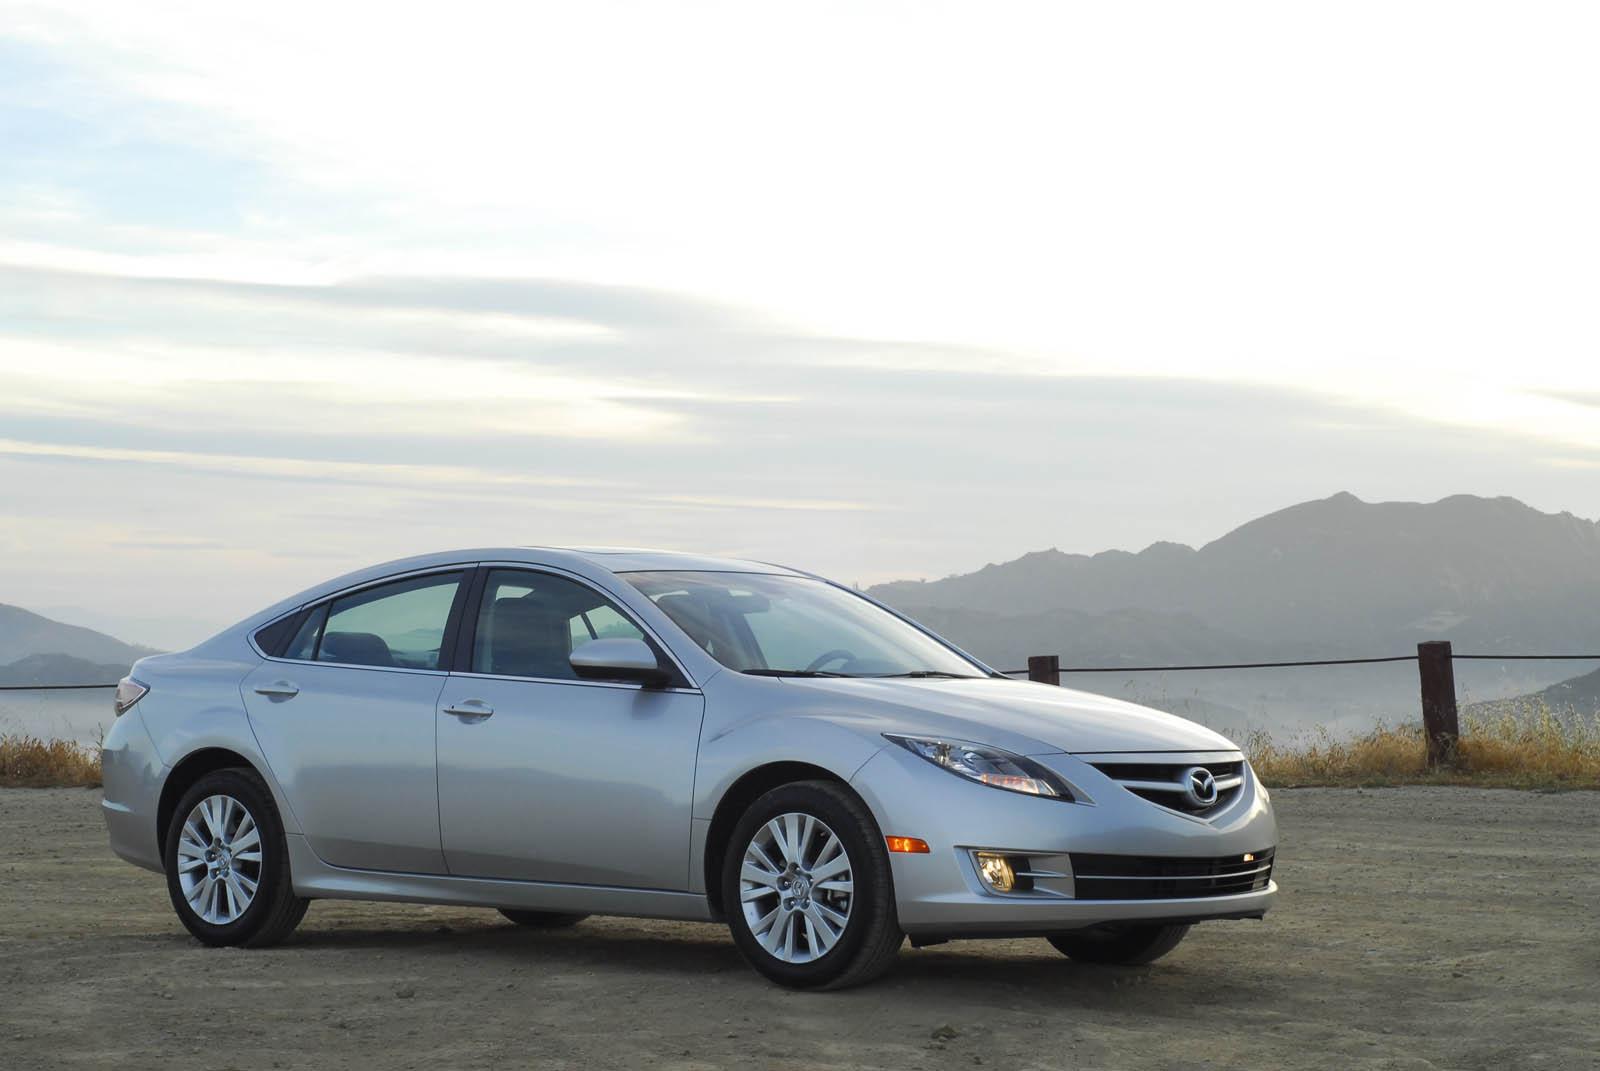 2009 Mazda Mazda6 Image 1